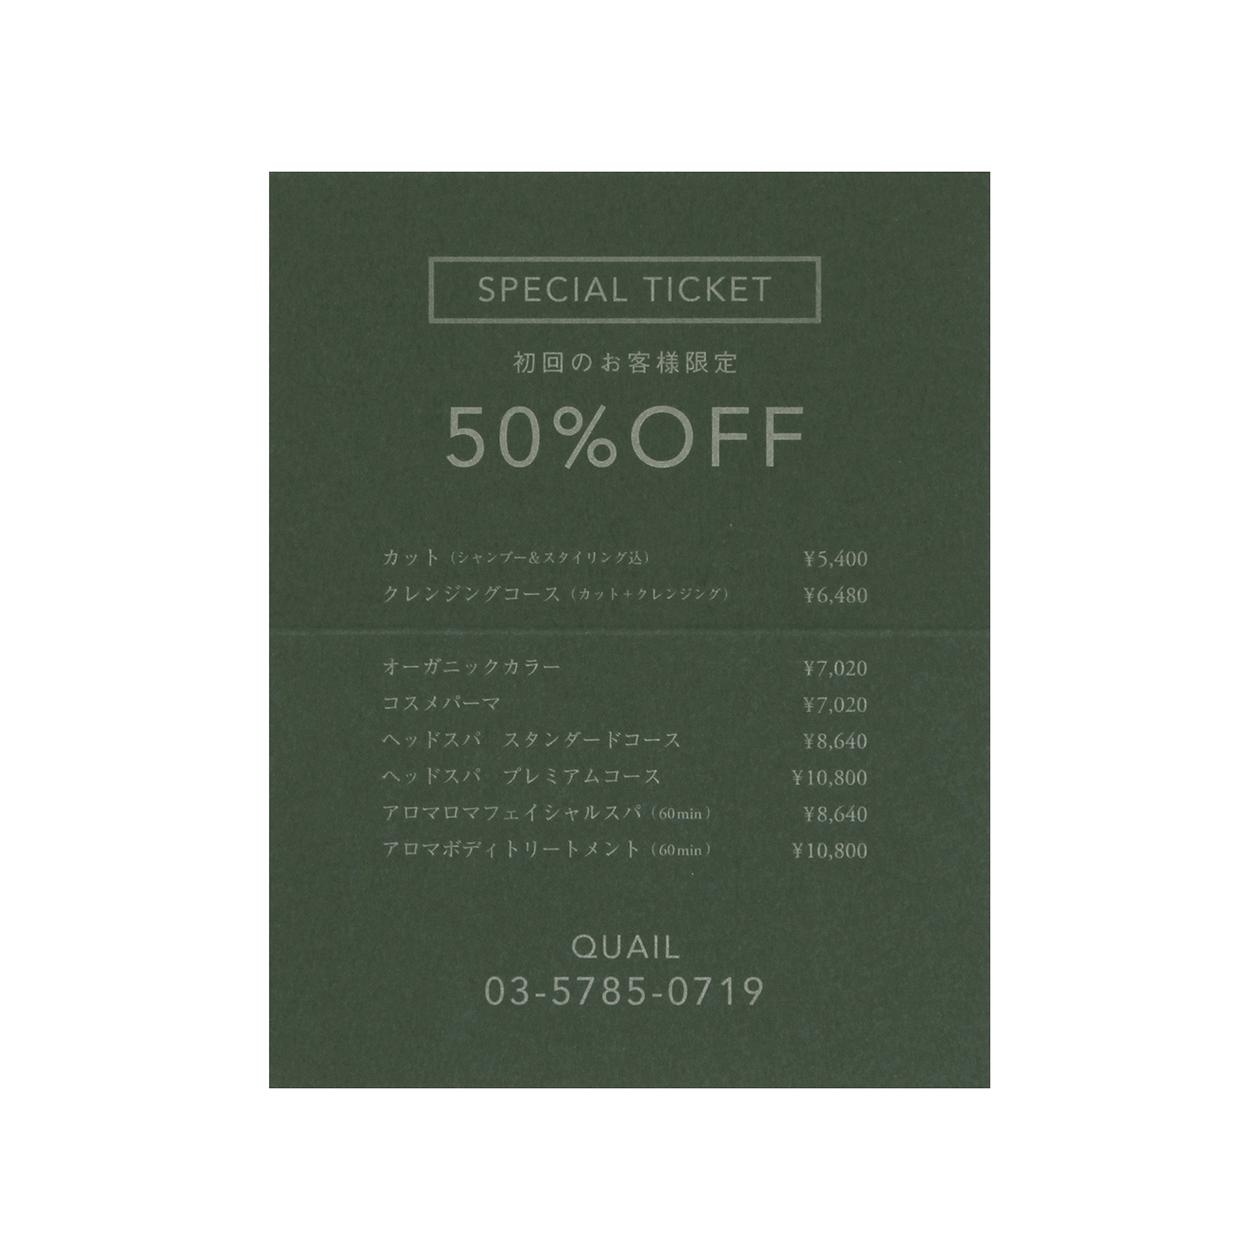 サンプル カード・シート 00182